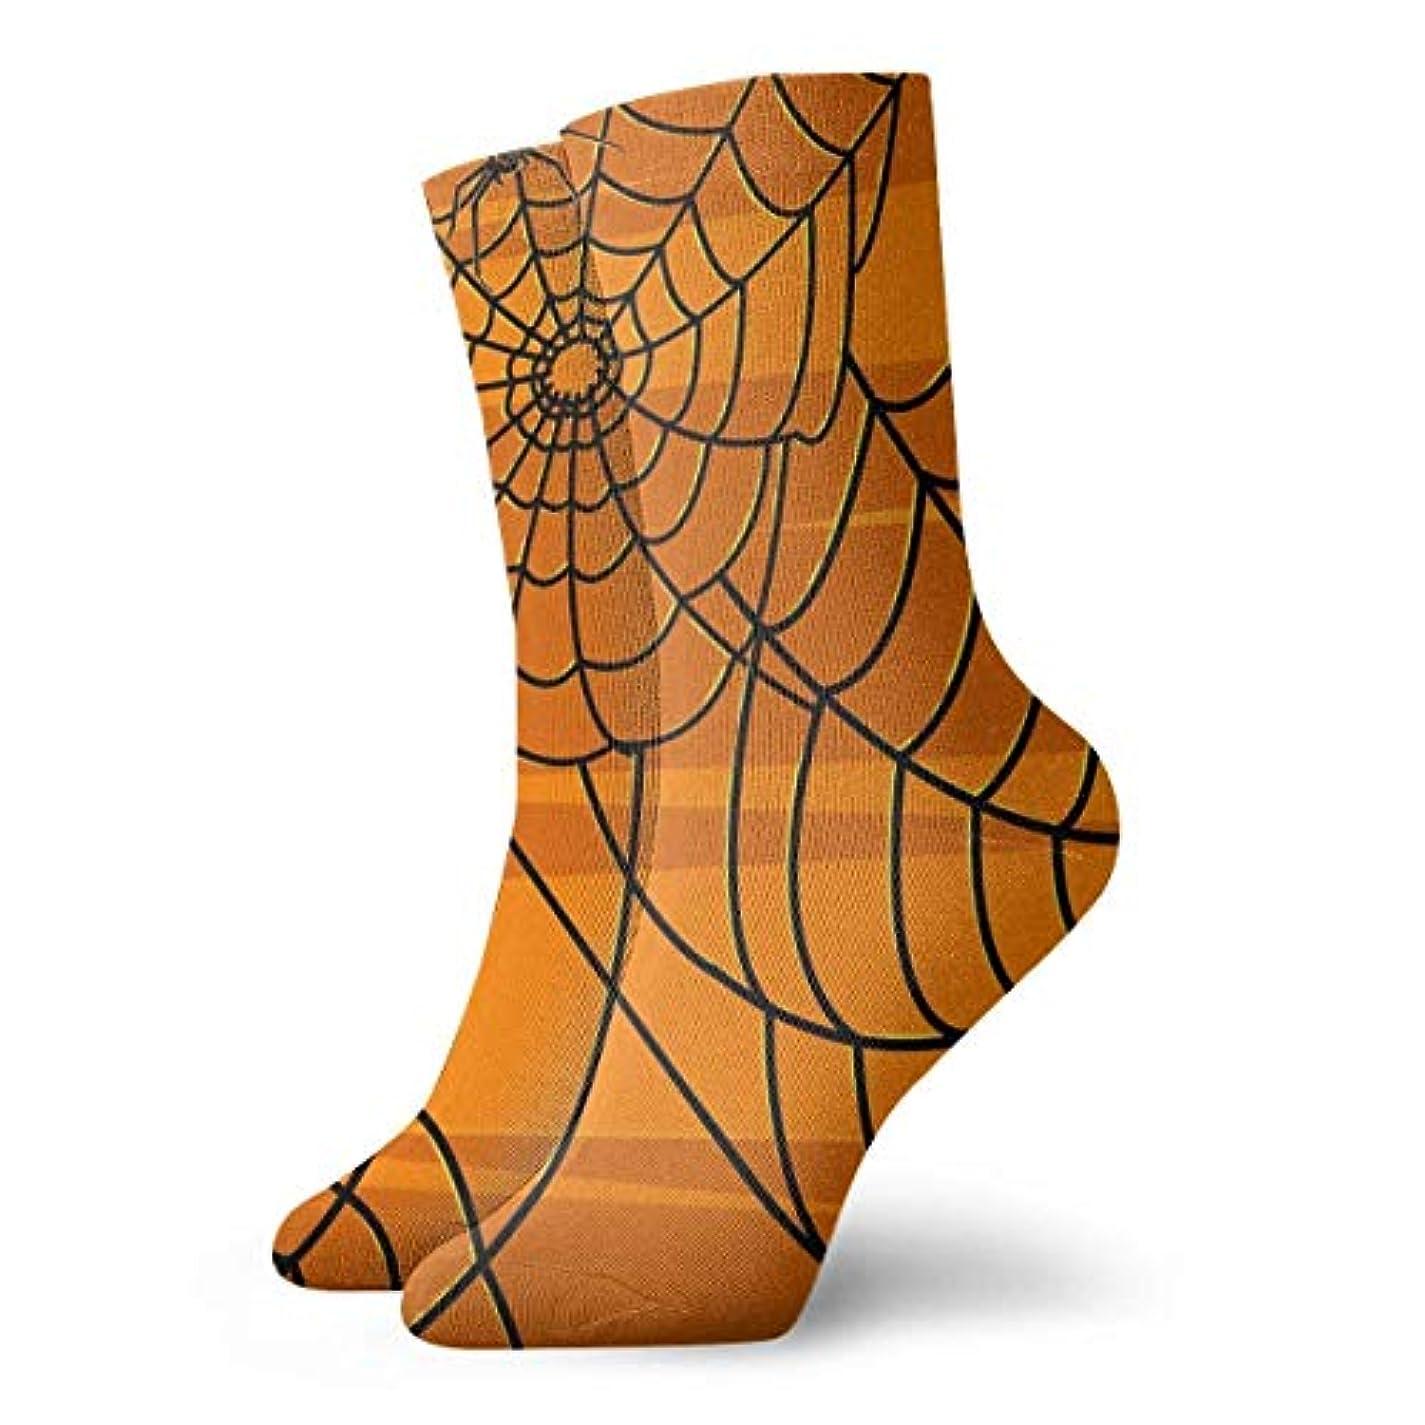 協力するラップブリークストックフォト- Qrriy女性のハロウィンスパイダーウェブパンプキンソフトクリスマス膝のストッキングスリッパソックス、クリスマス楽しいカラフルな靴下